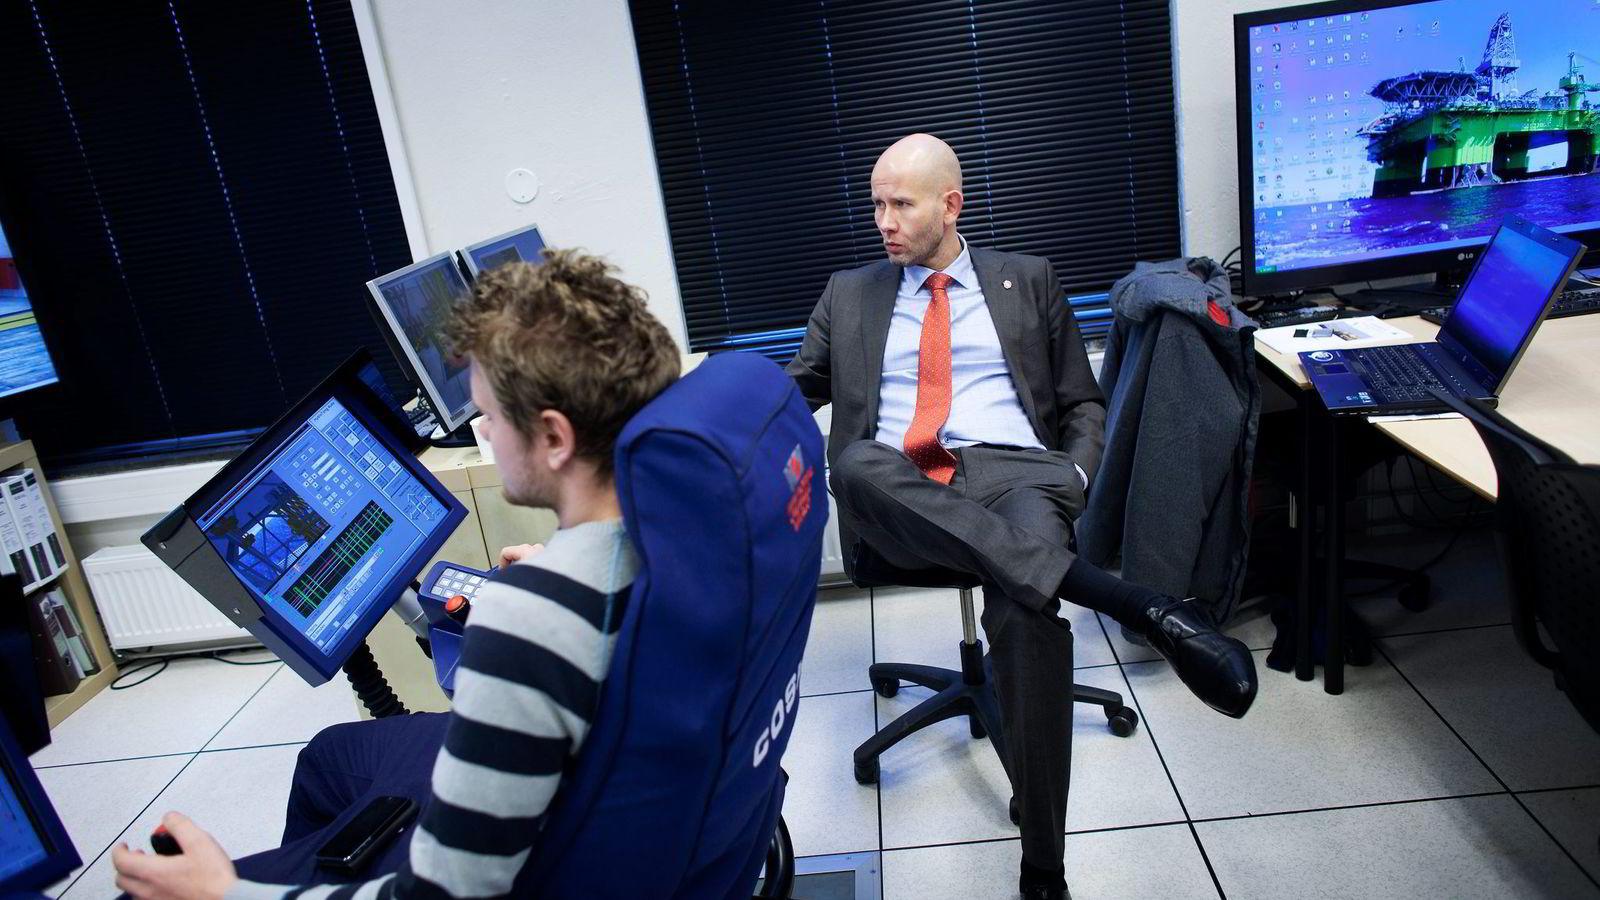 Olje- og energiminister Tord Lien var tirsdag innom flere stopp på sitt besøk i oljebyen Stavanger, blant annet i simulatorrommet på Stavanger Offshore Tekniske Fagskole, der elevene lærer å styre løfteoperasjoner til sjøs. Til venstre skoleelev Marcus Brekne.